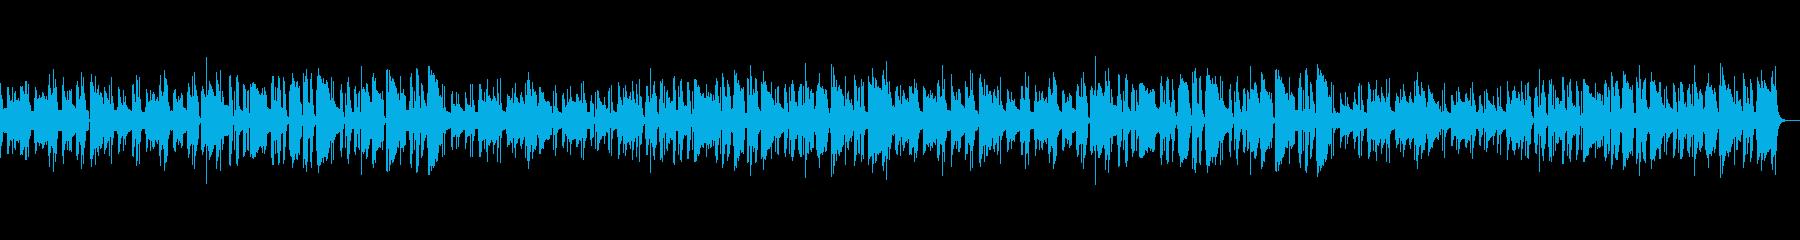 コミカルでちょっと間抜けなのんきな音楽の再生済みの波形